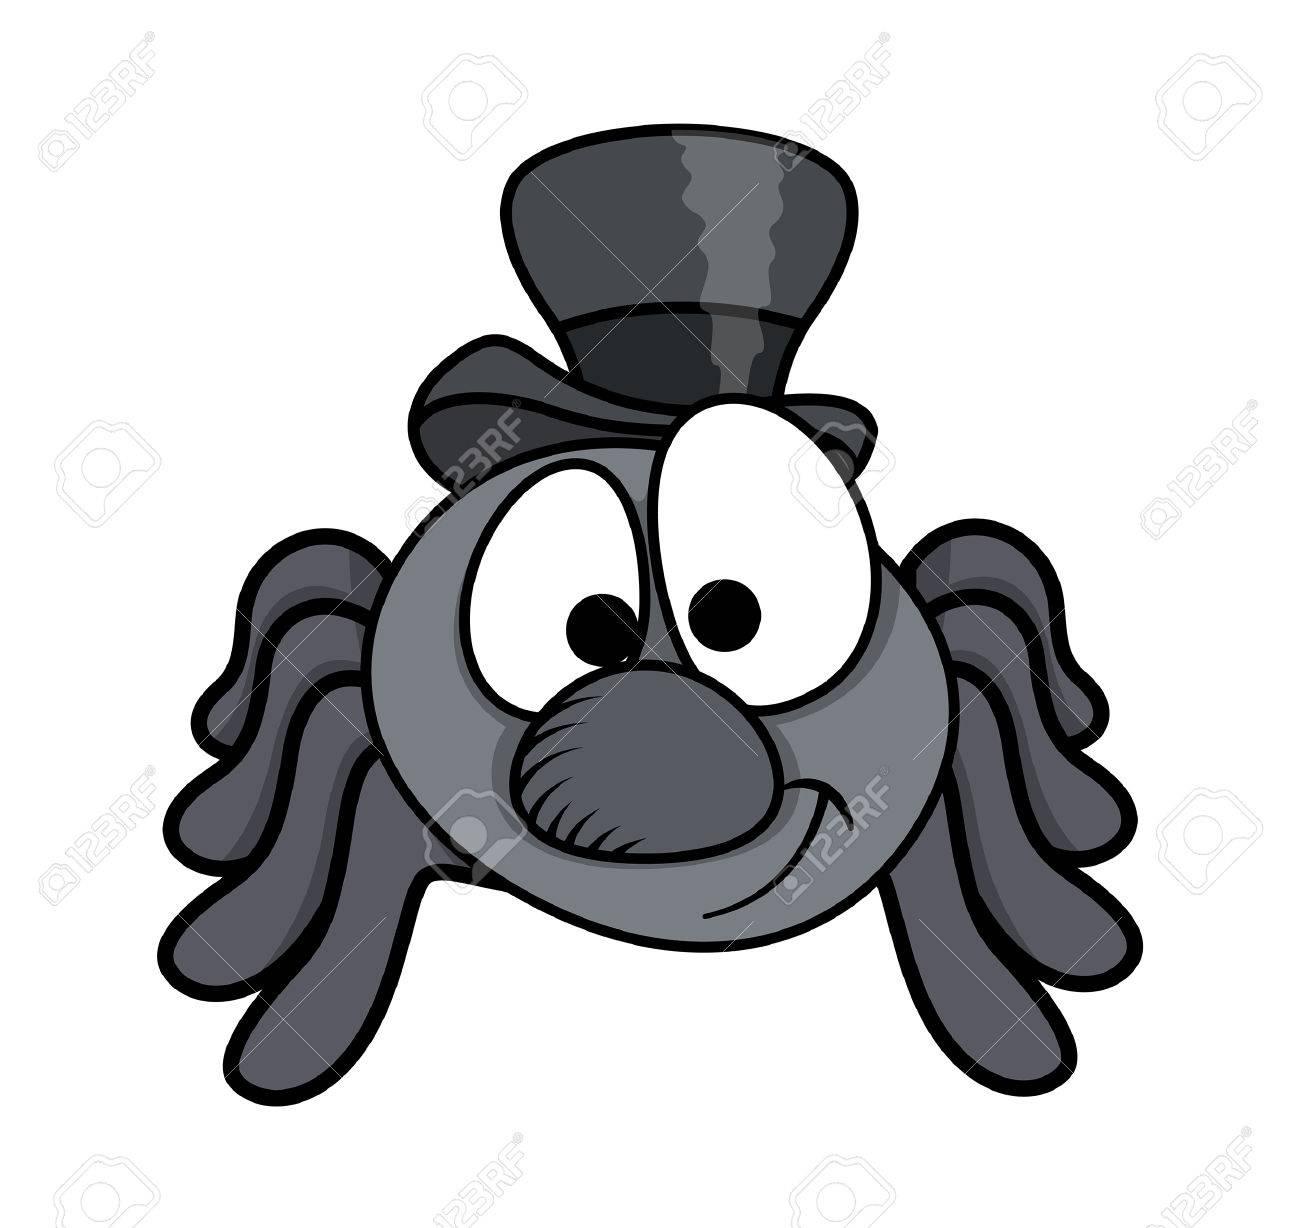 Macho De Arana De Dibujos Animados Divertido Ilustracion Vectorial - Dibujos-araas-halloween